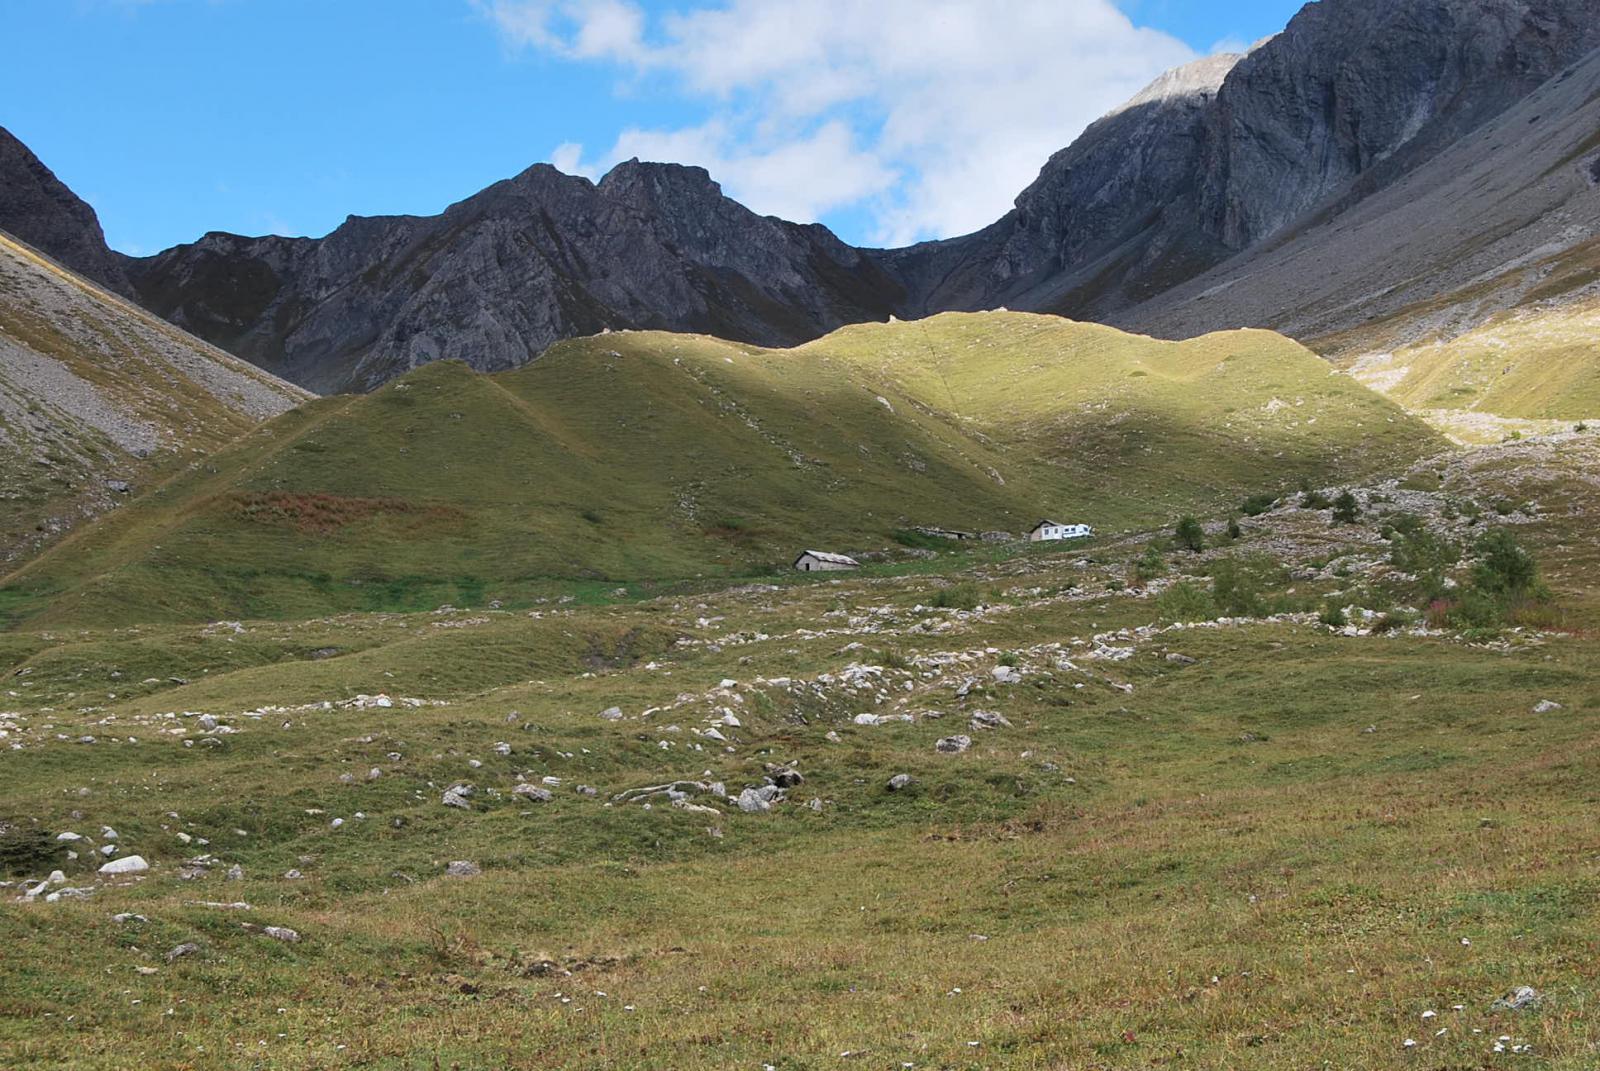 L'arrivo all'Alpe Gran Plan, con il Colle Battaglione Aosta sullo sfondo. Il cielo azzurro fa illudere ….